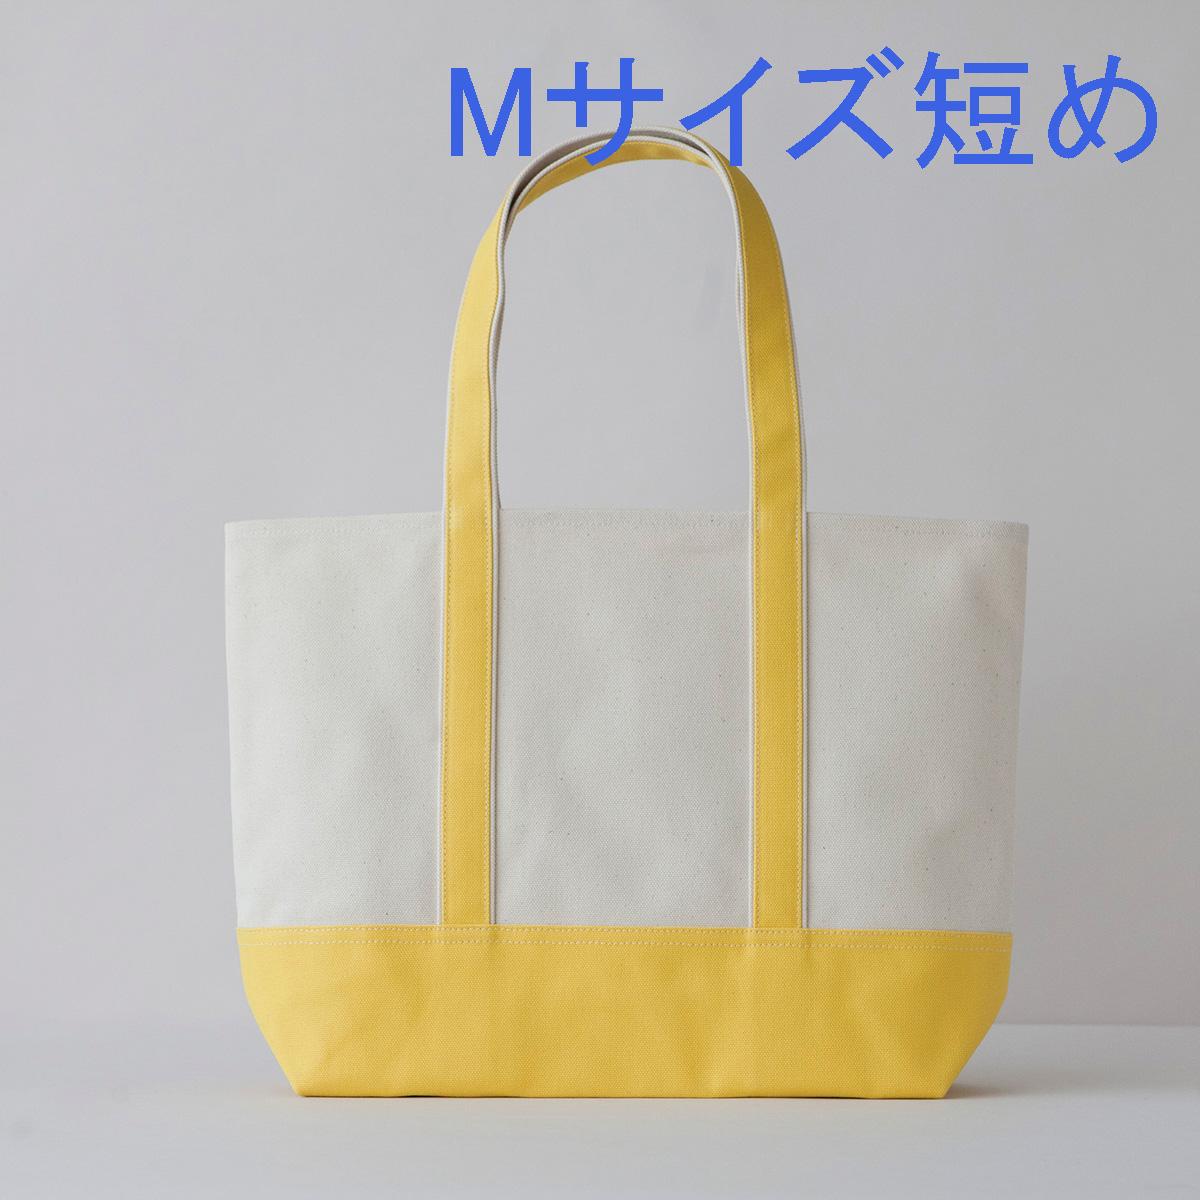 オフホワイト×レモン Mサイズ(持ち手短め)